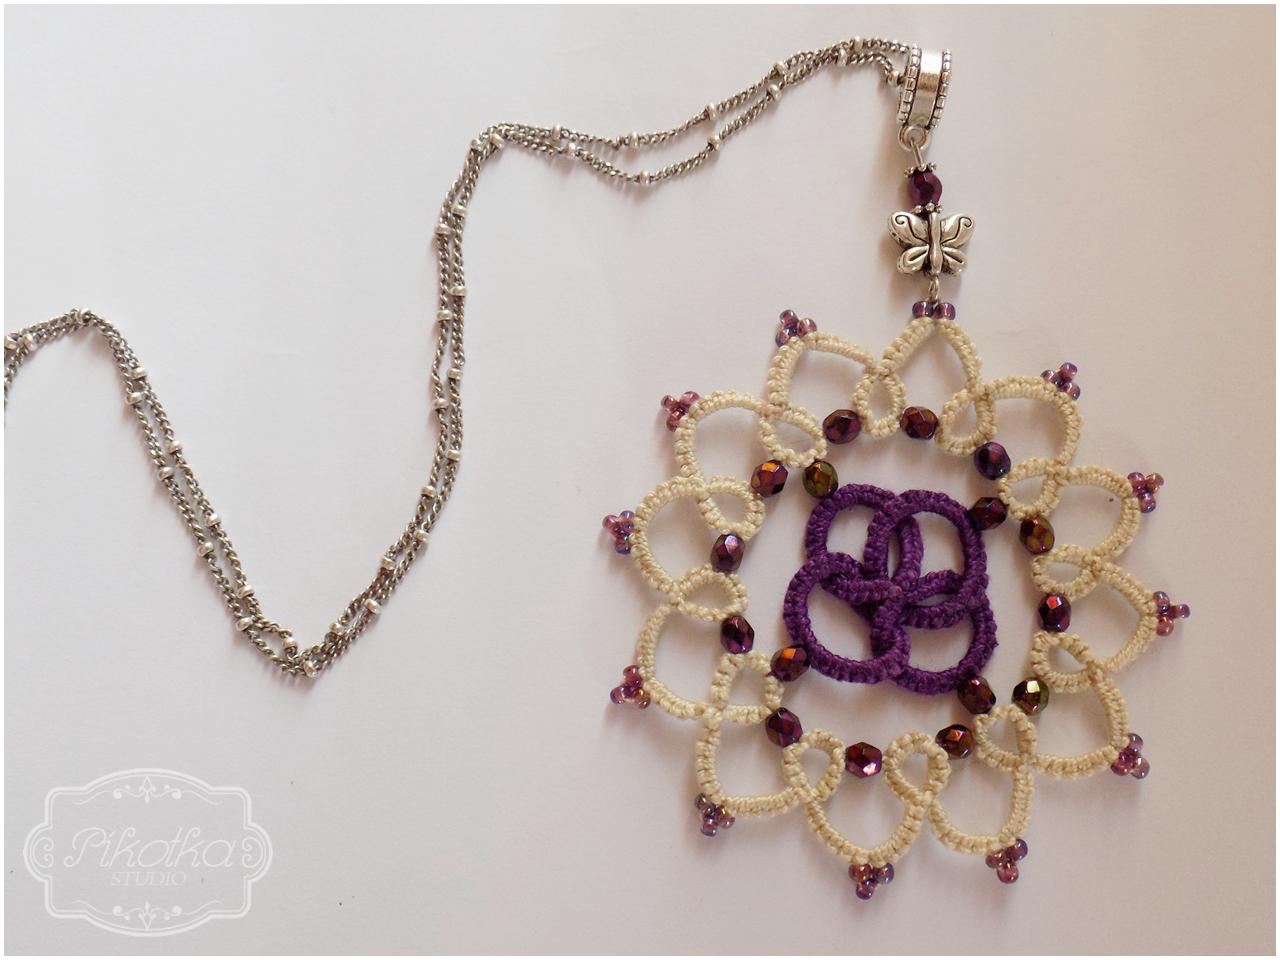 frywolitka, tatting, rękodzieło, biżuteria, handmade, jewellery, wisior, koraliki nihbeads, koraliki fire polish,